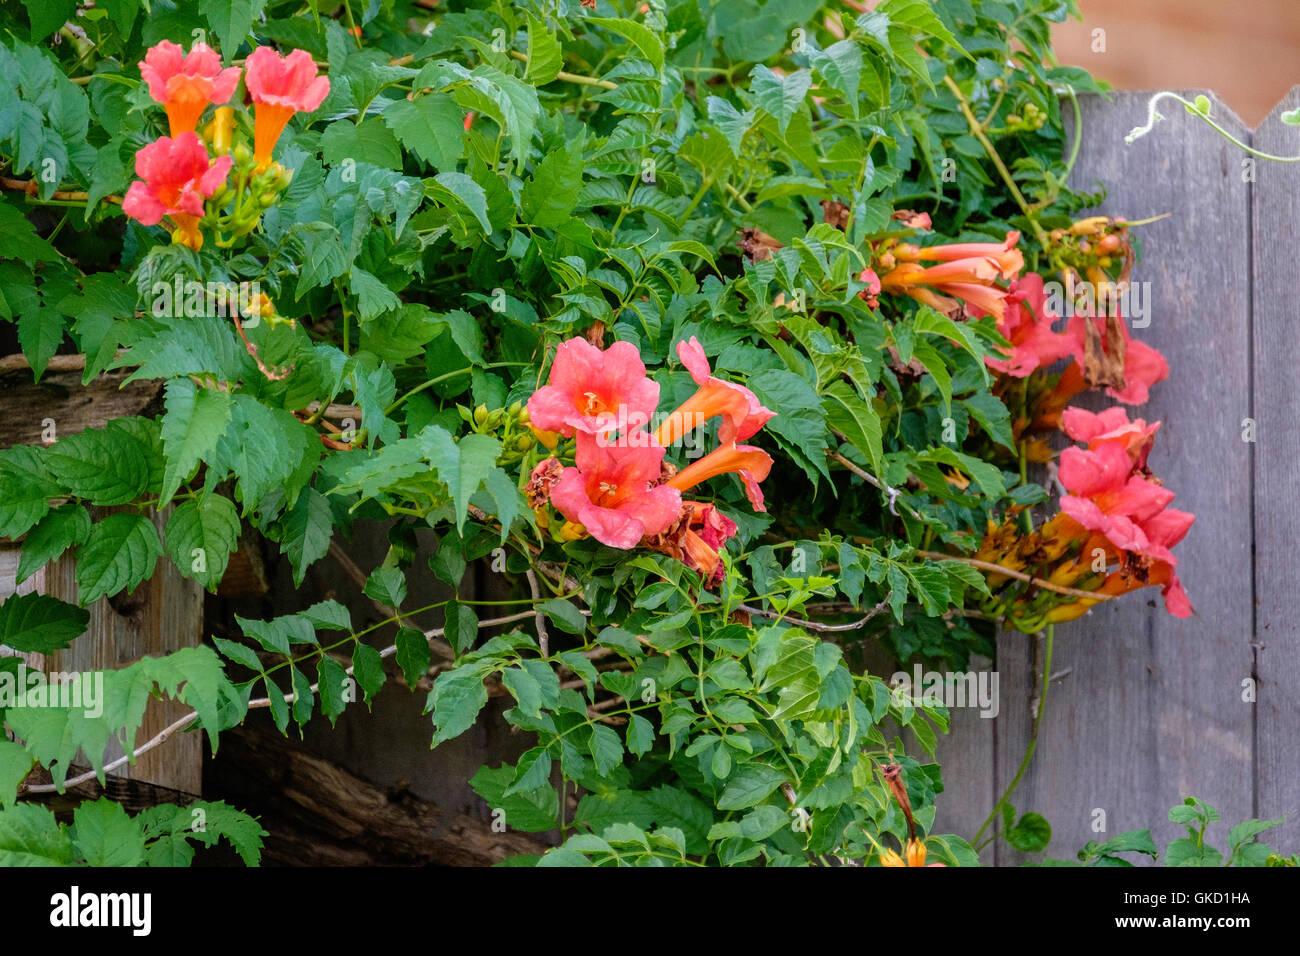 a-trumpet-vine-campsis-radicans-growing-